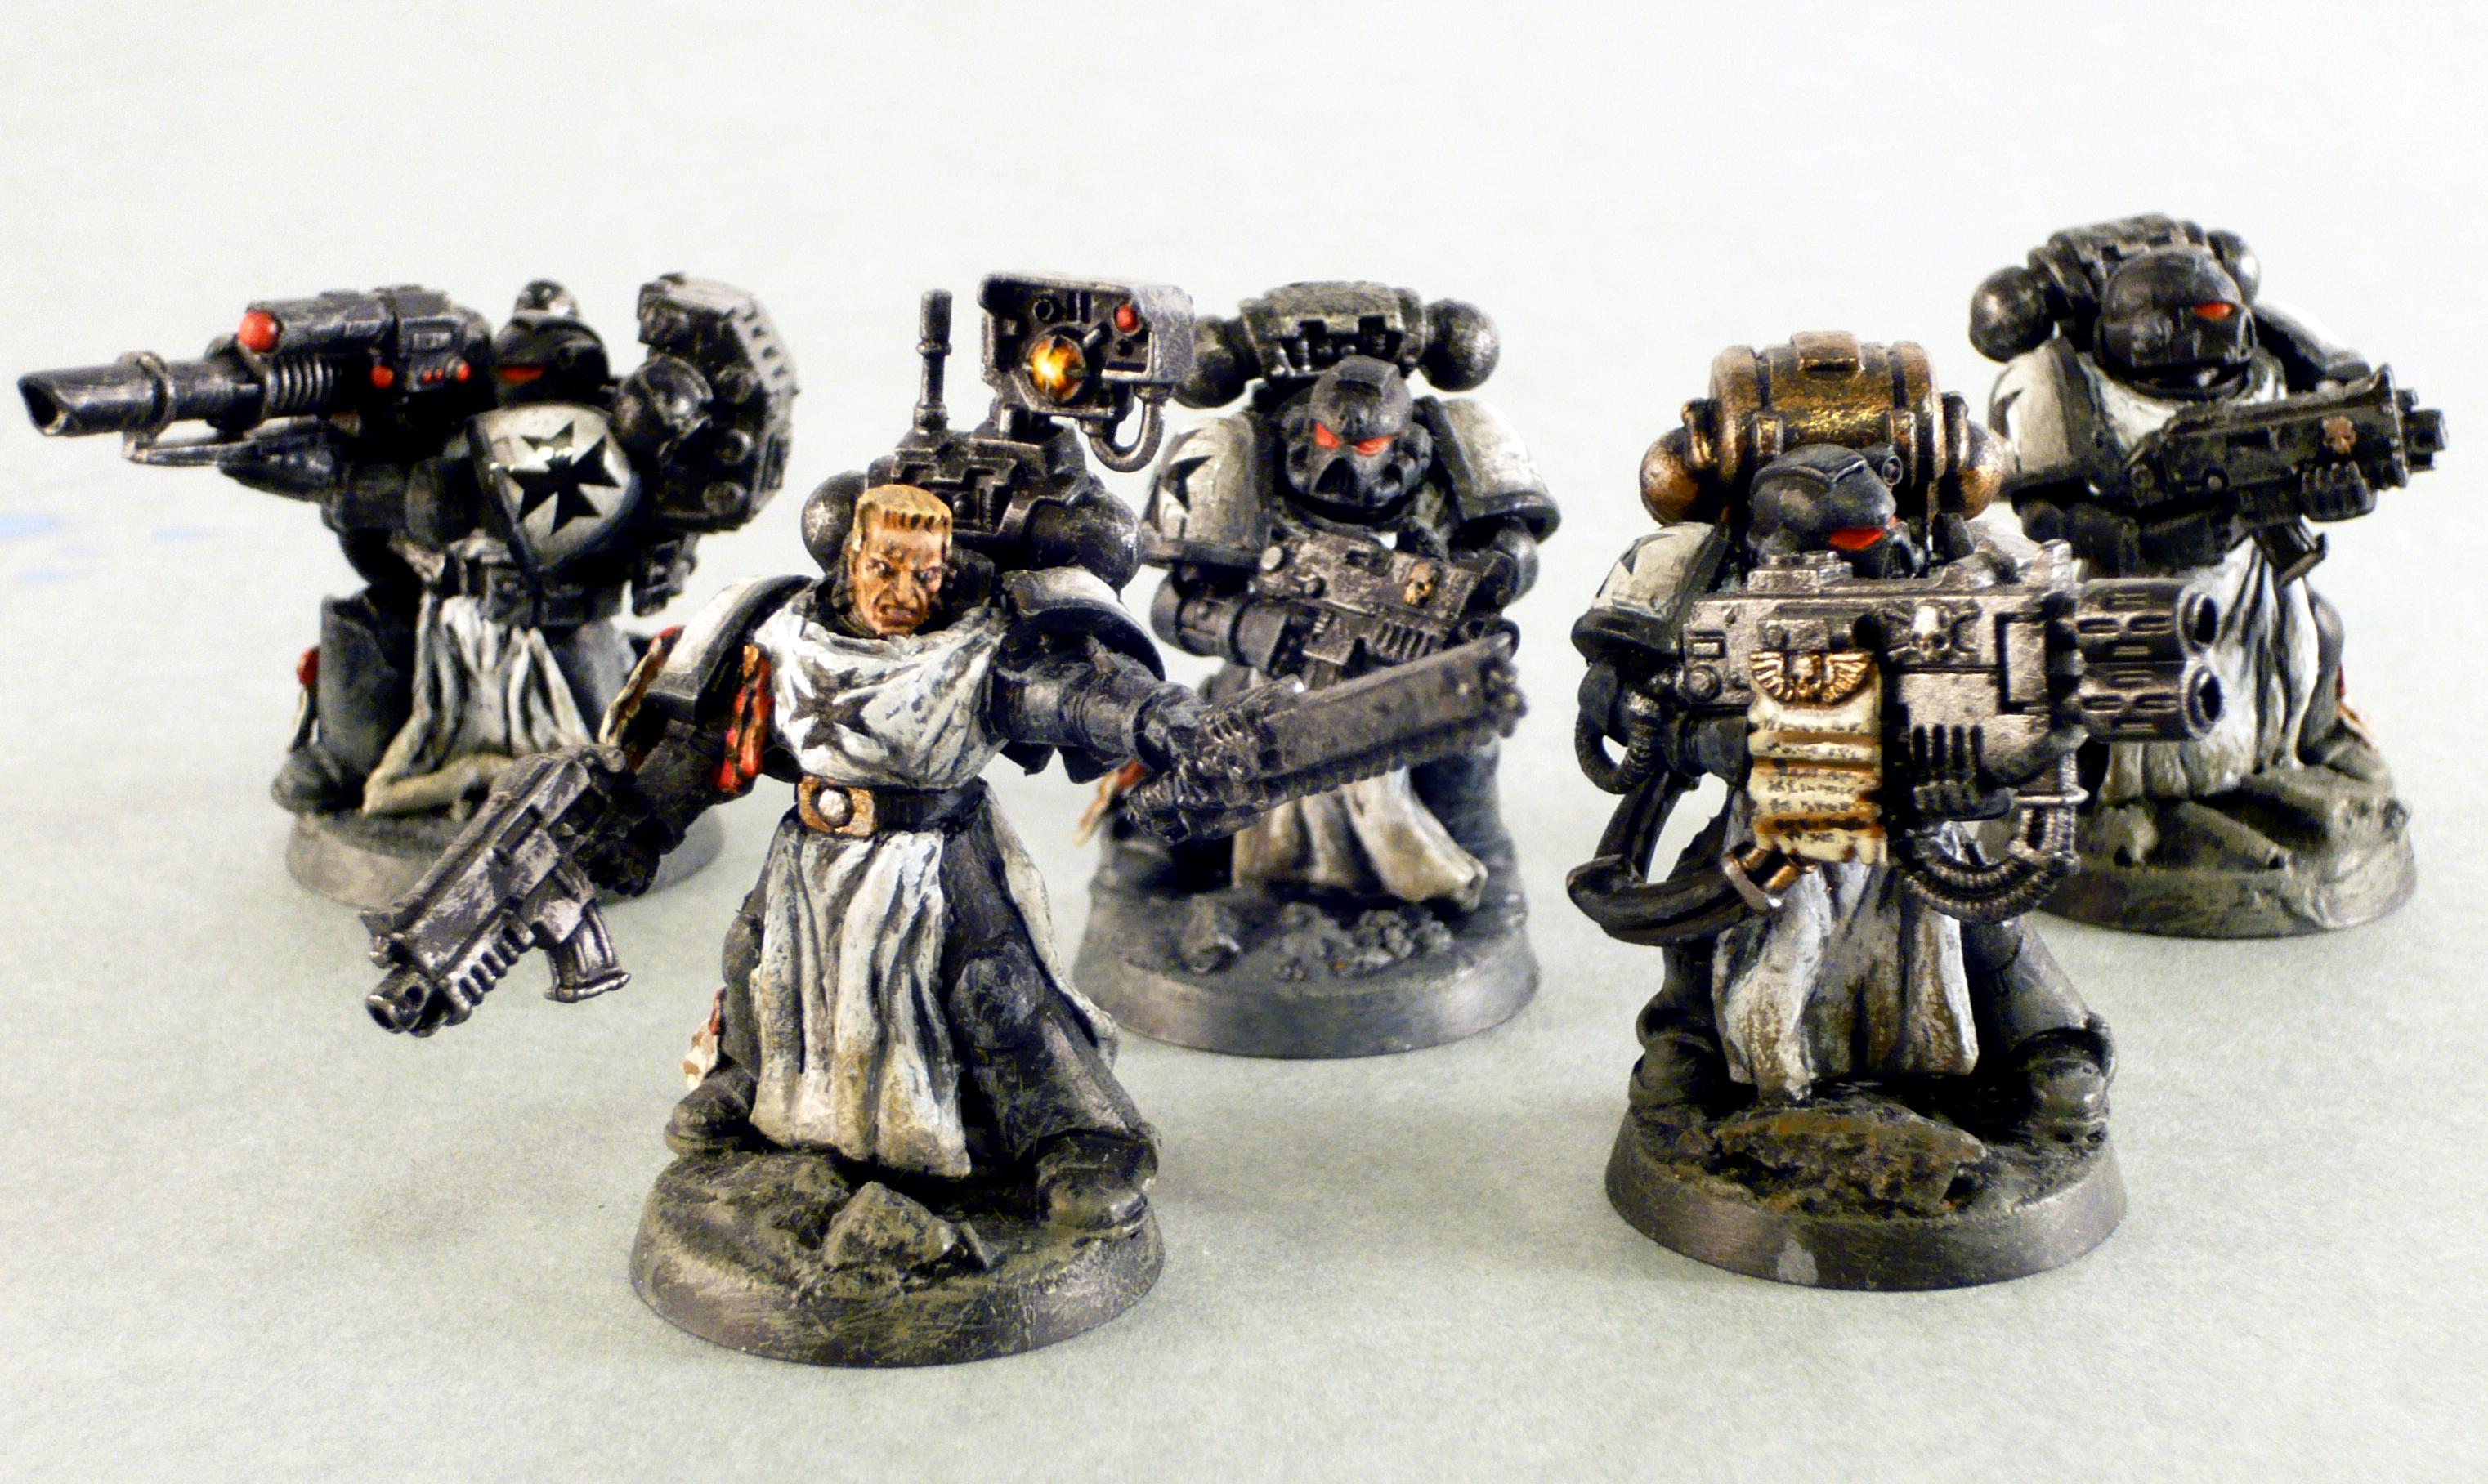 Black Templars, Conversion, Milliput, Mod, Space Marines, Templars